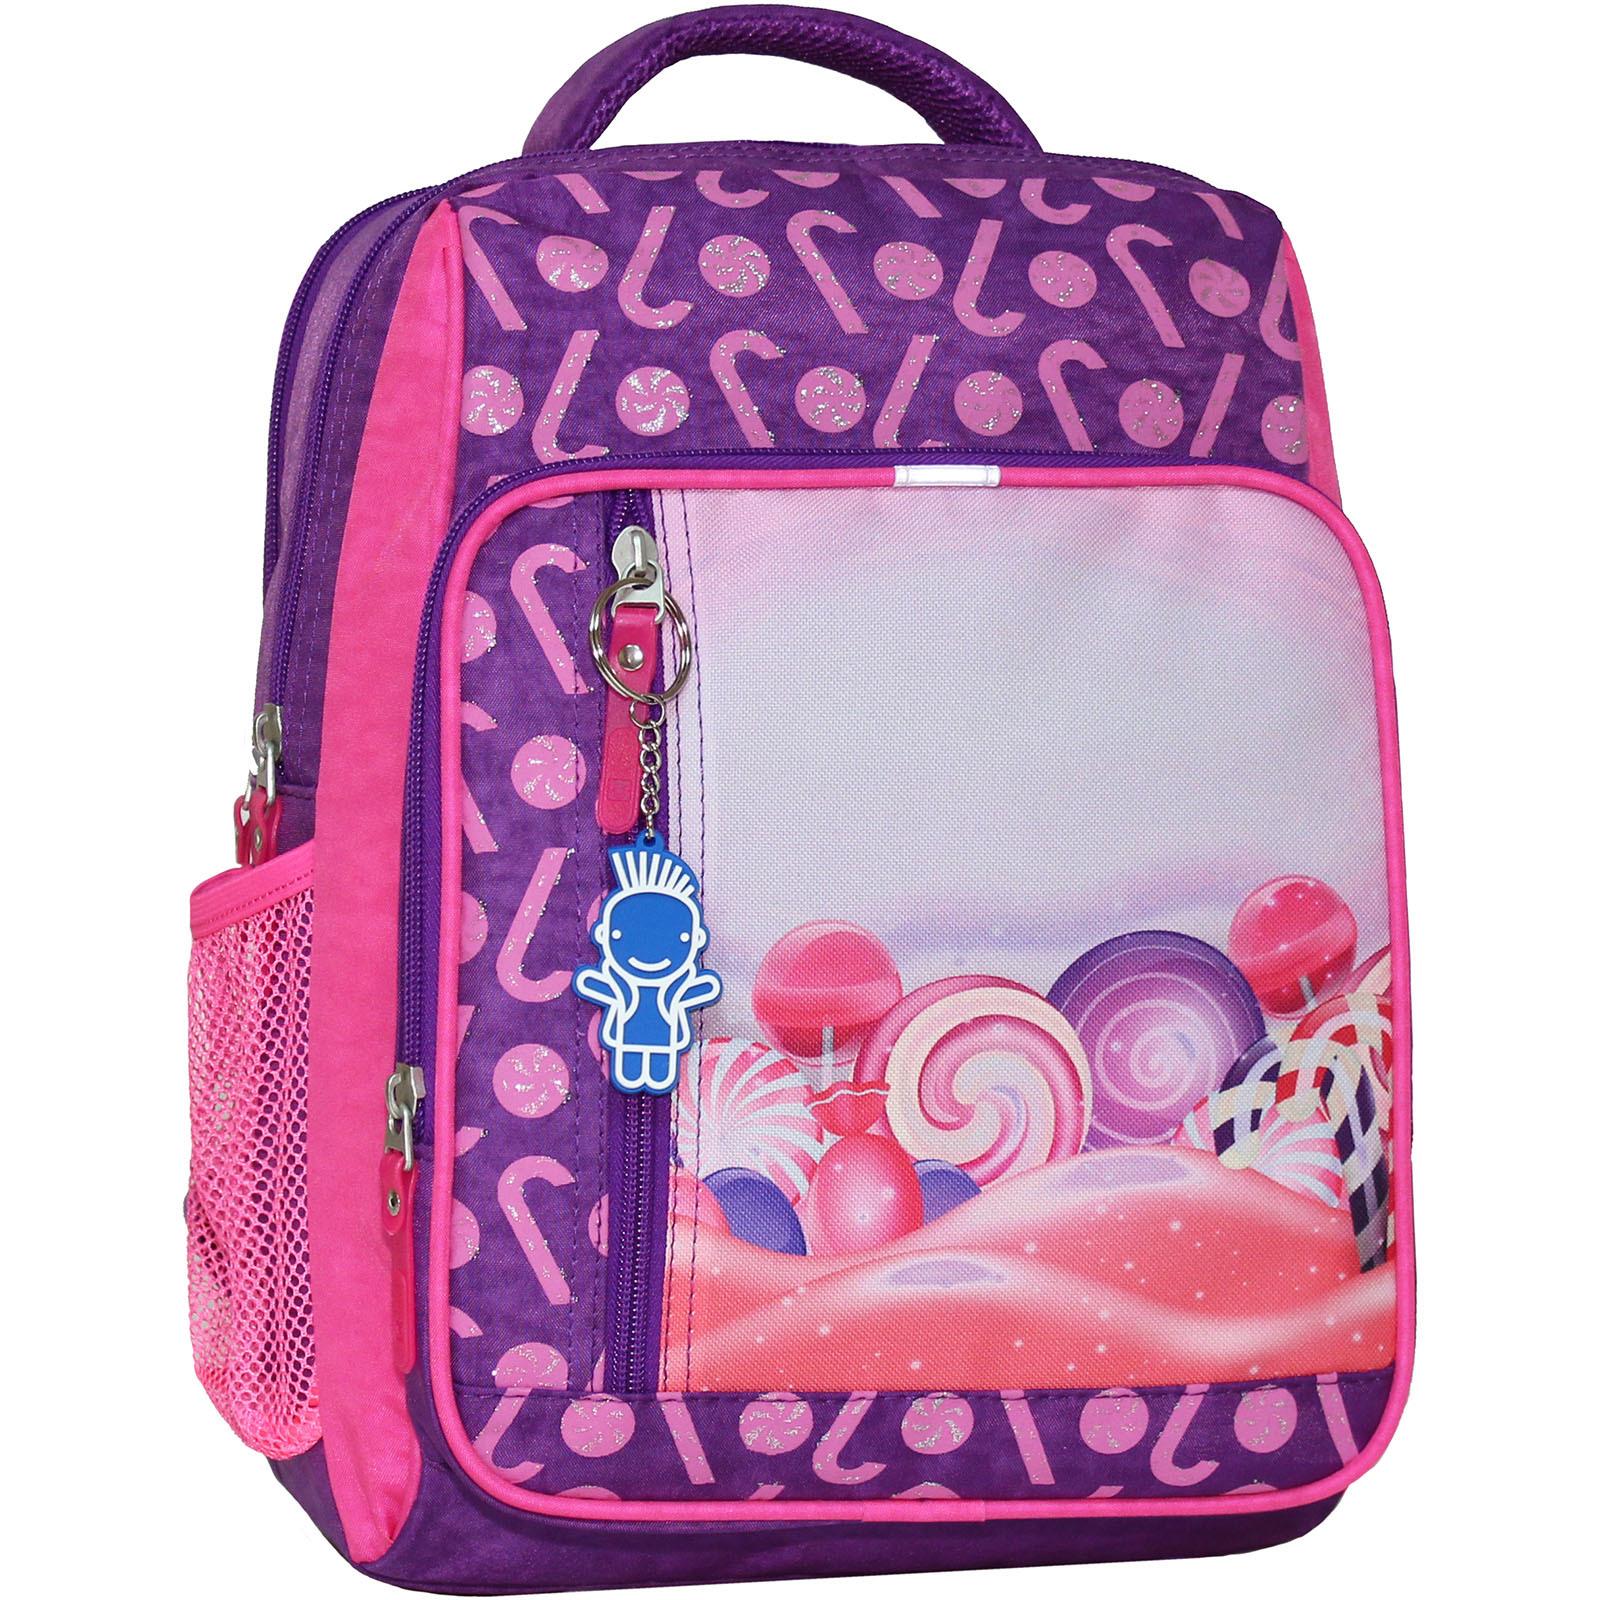 Школьные рюкзаки Рюкзак школьный Bagland Школьник 8 л. 339 фiолетовий 409 (00112702) IMG_5282_409_.JPG